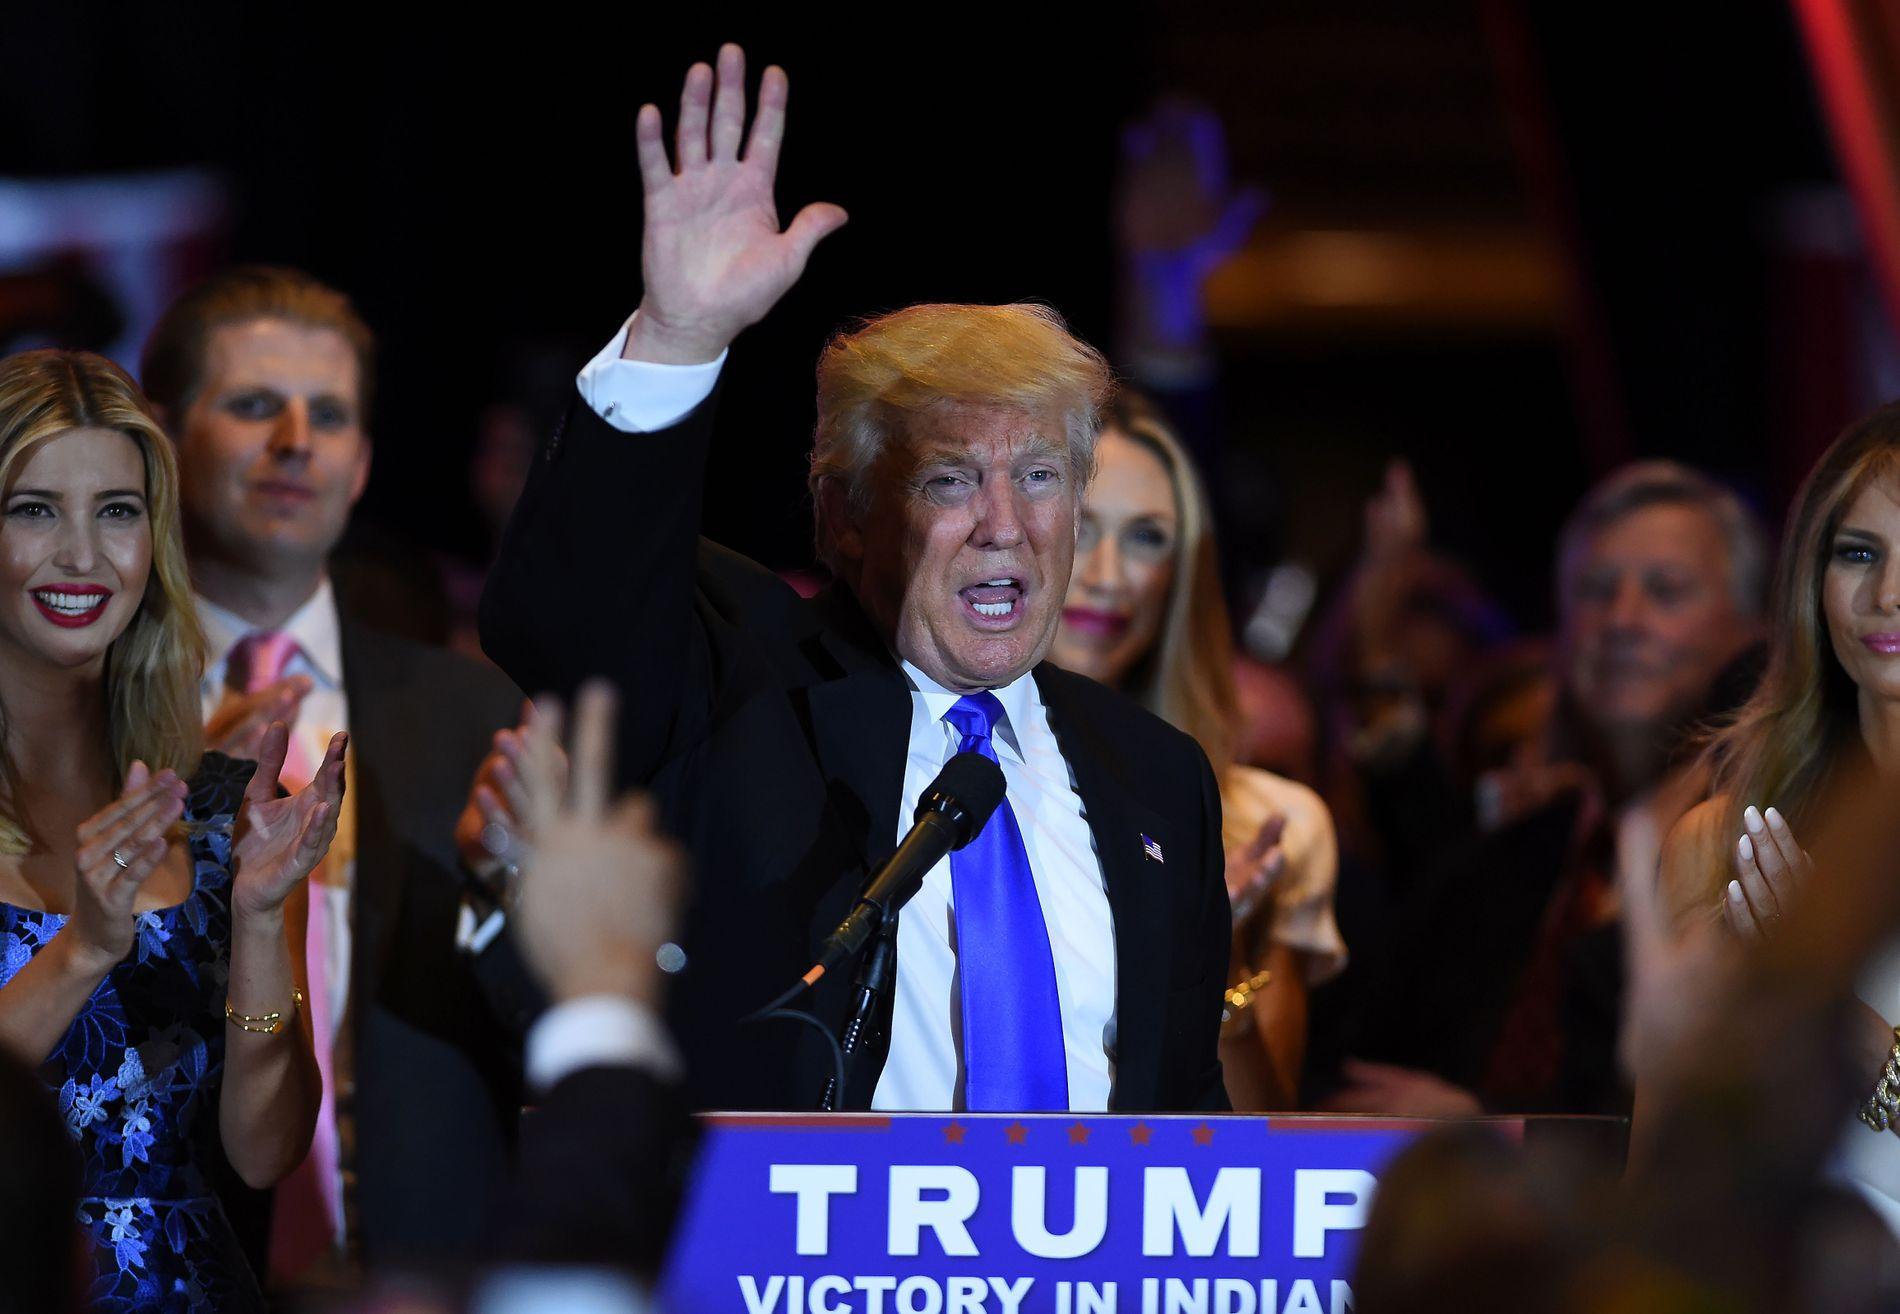 HAR HAN KRAFTEN MED SEG? Nå er det trolig kun demokratene som kan stoppe Donald Trumps marsj mot Det hvite hus. Her feirer han seieren i Indiana tidligere i uken.